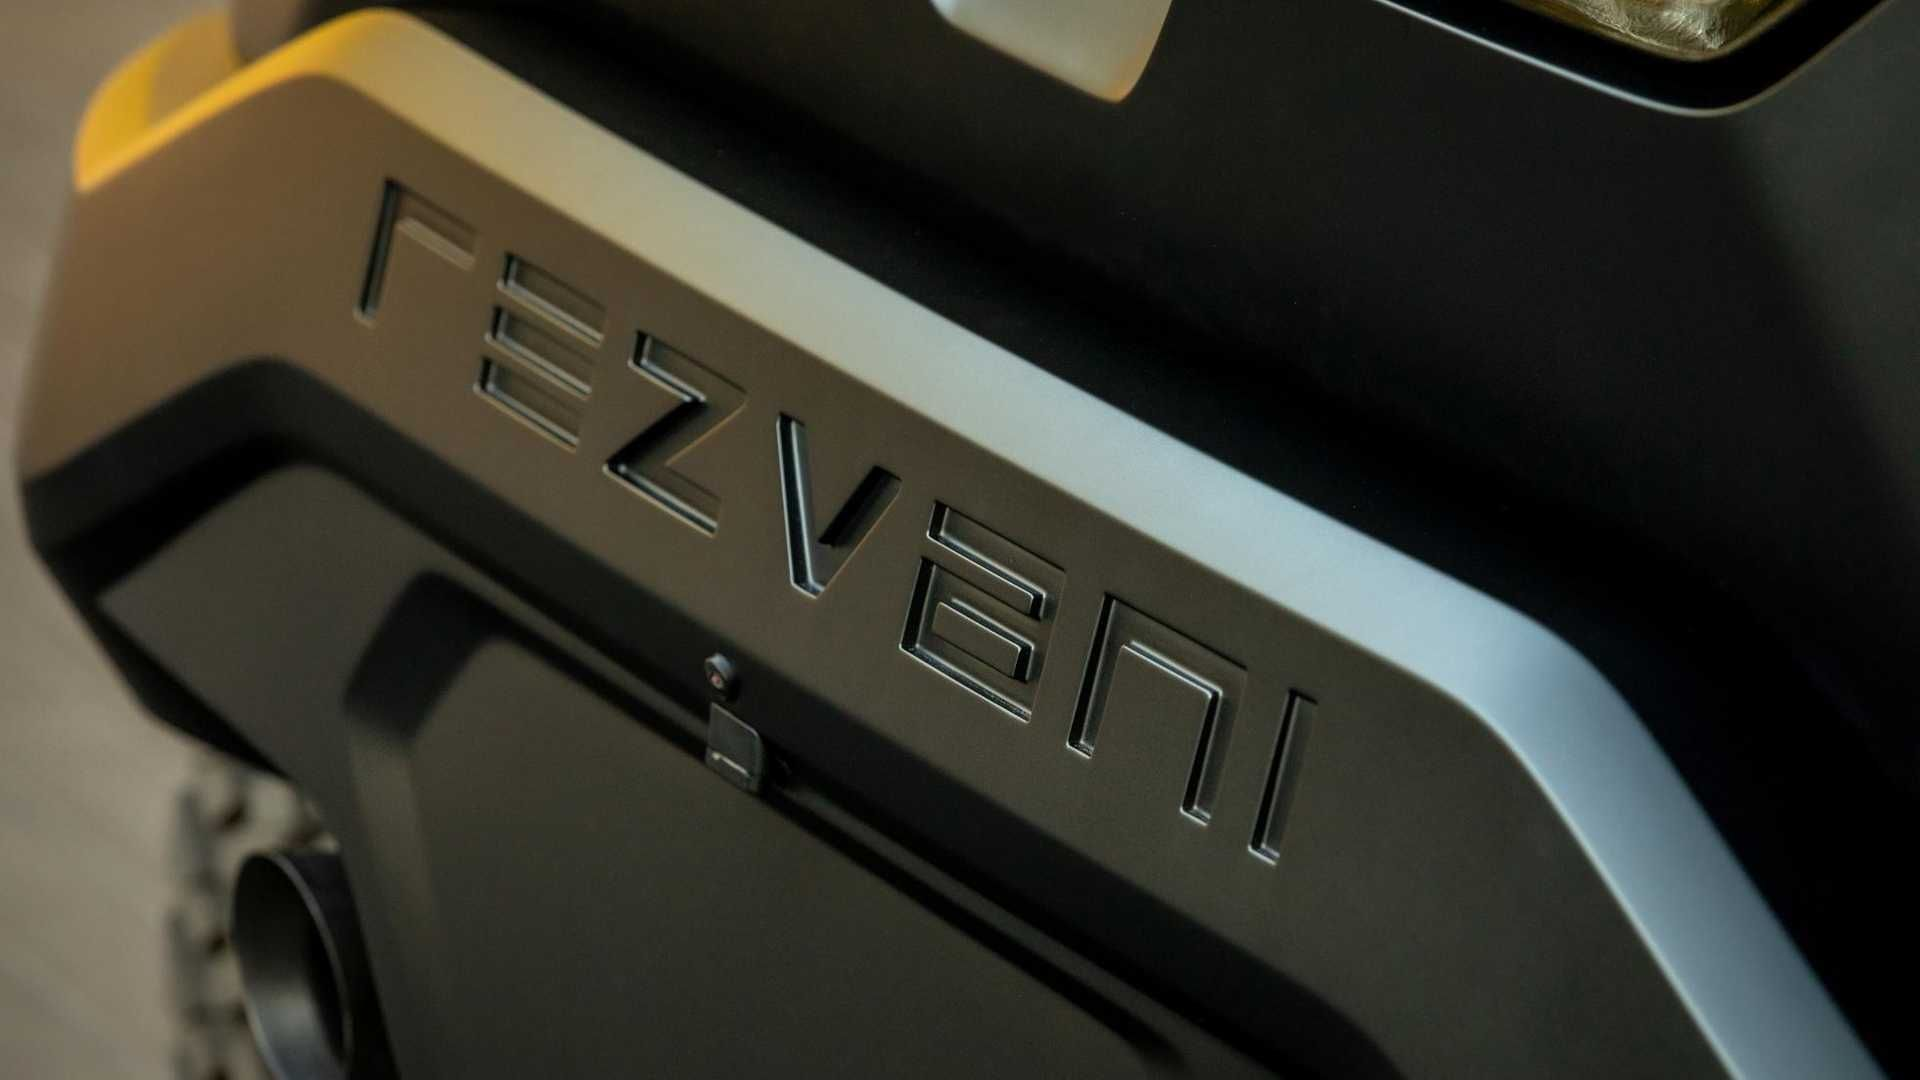 Найкрутіший у світі серійний джип Rezvani Tank змінив покоління (фото, відео)